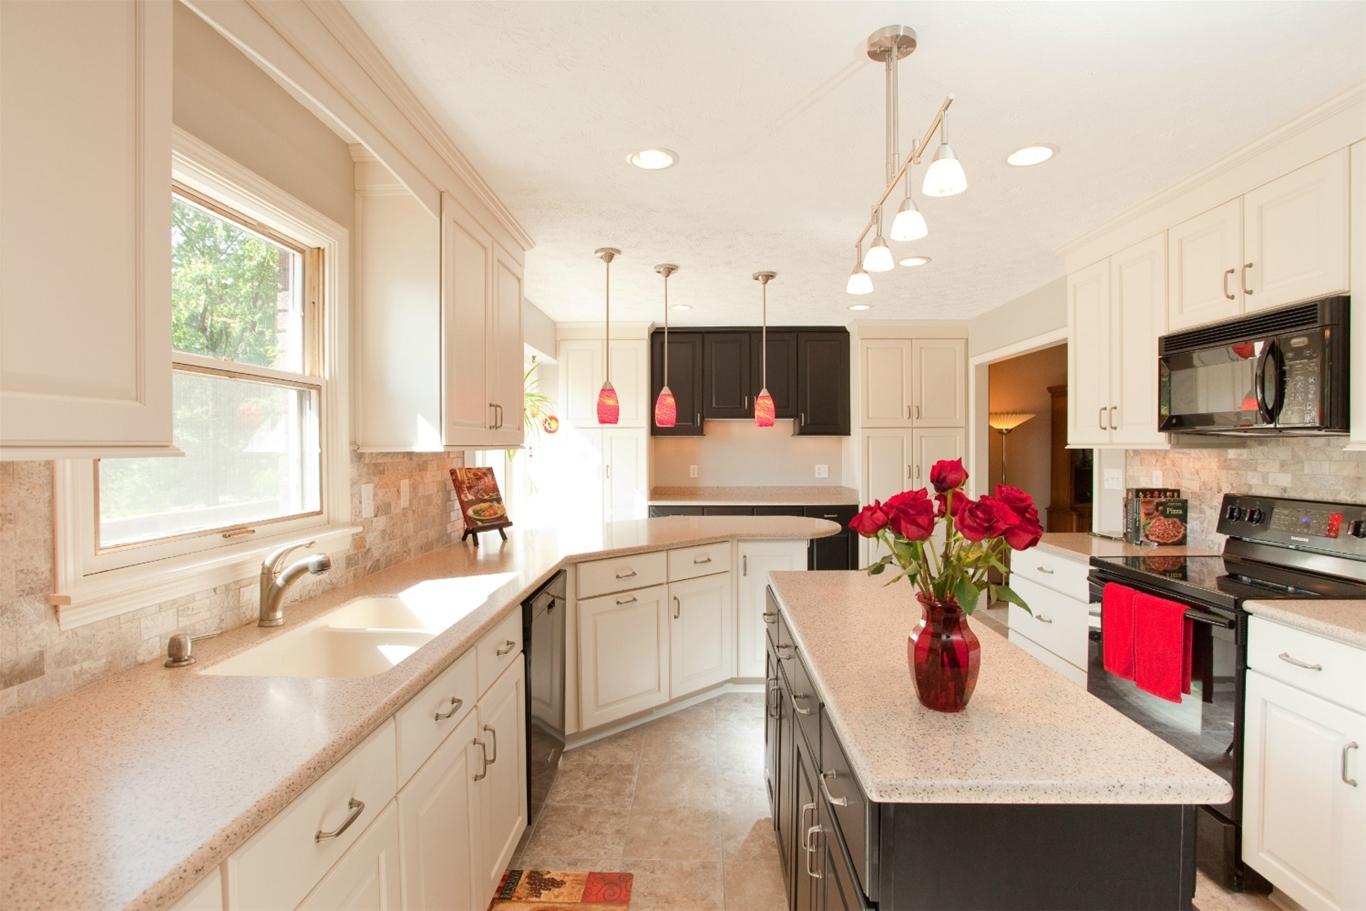 Gia chủ hãy dựa vào những thông số này kết hợp với tình trạng thực tế của ngôi nhà để có được không gian phòng bếp hài hòa